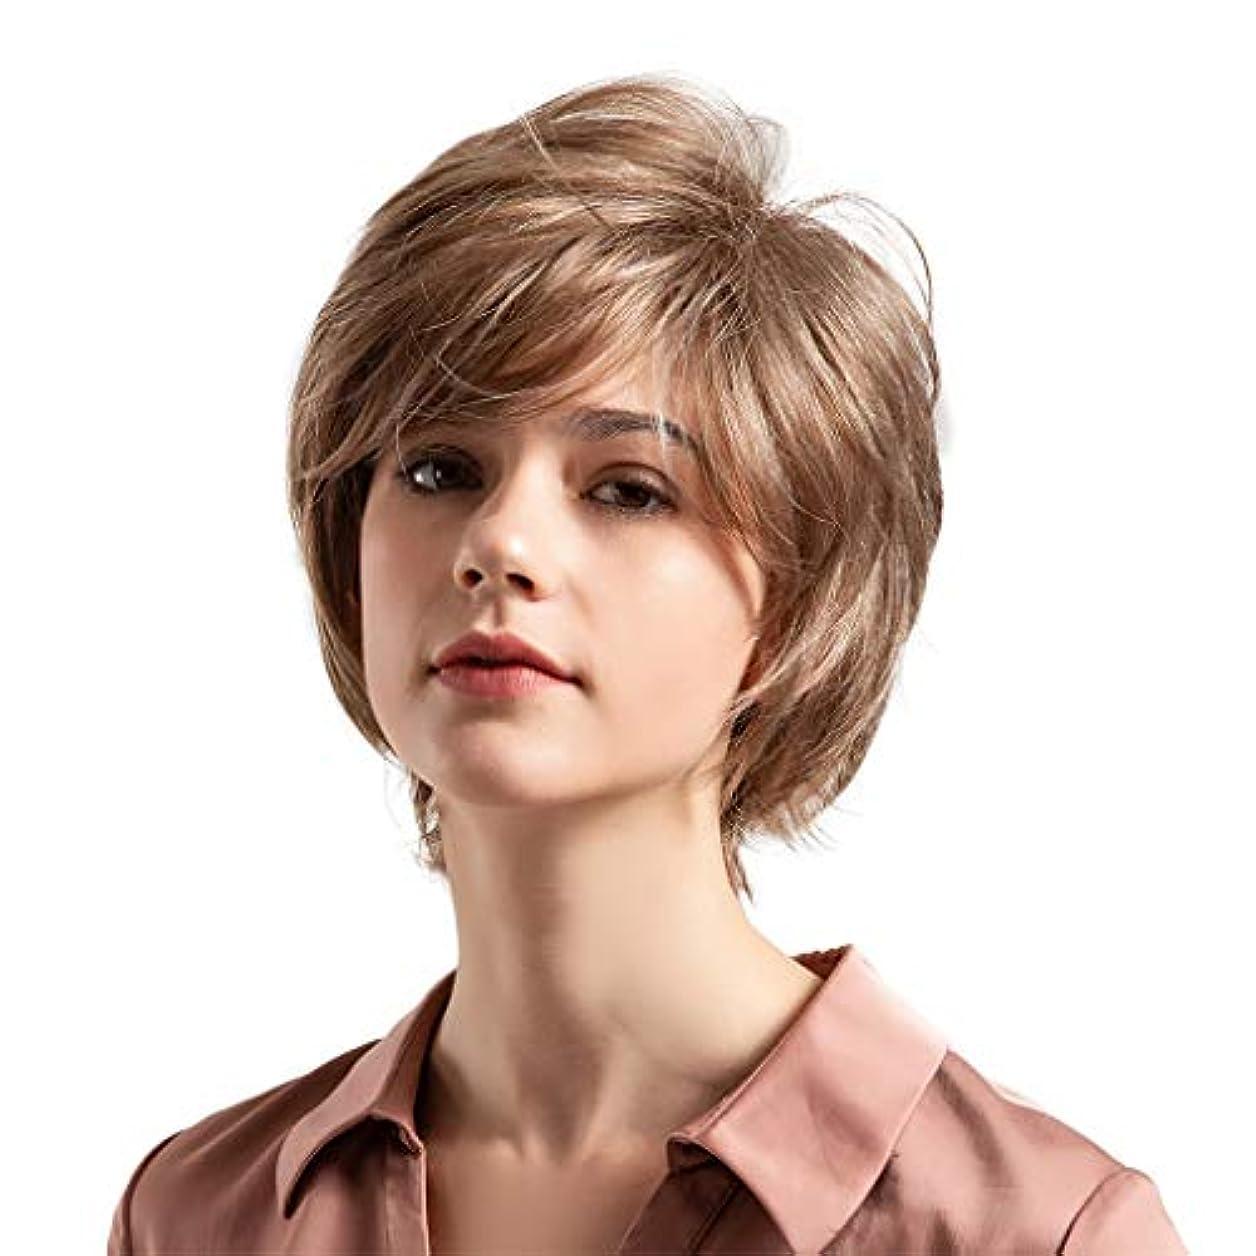 期限エクスタシー悪質な薄茶色の混合色の自然な巻き毛の短い髪の かつら